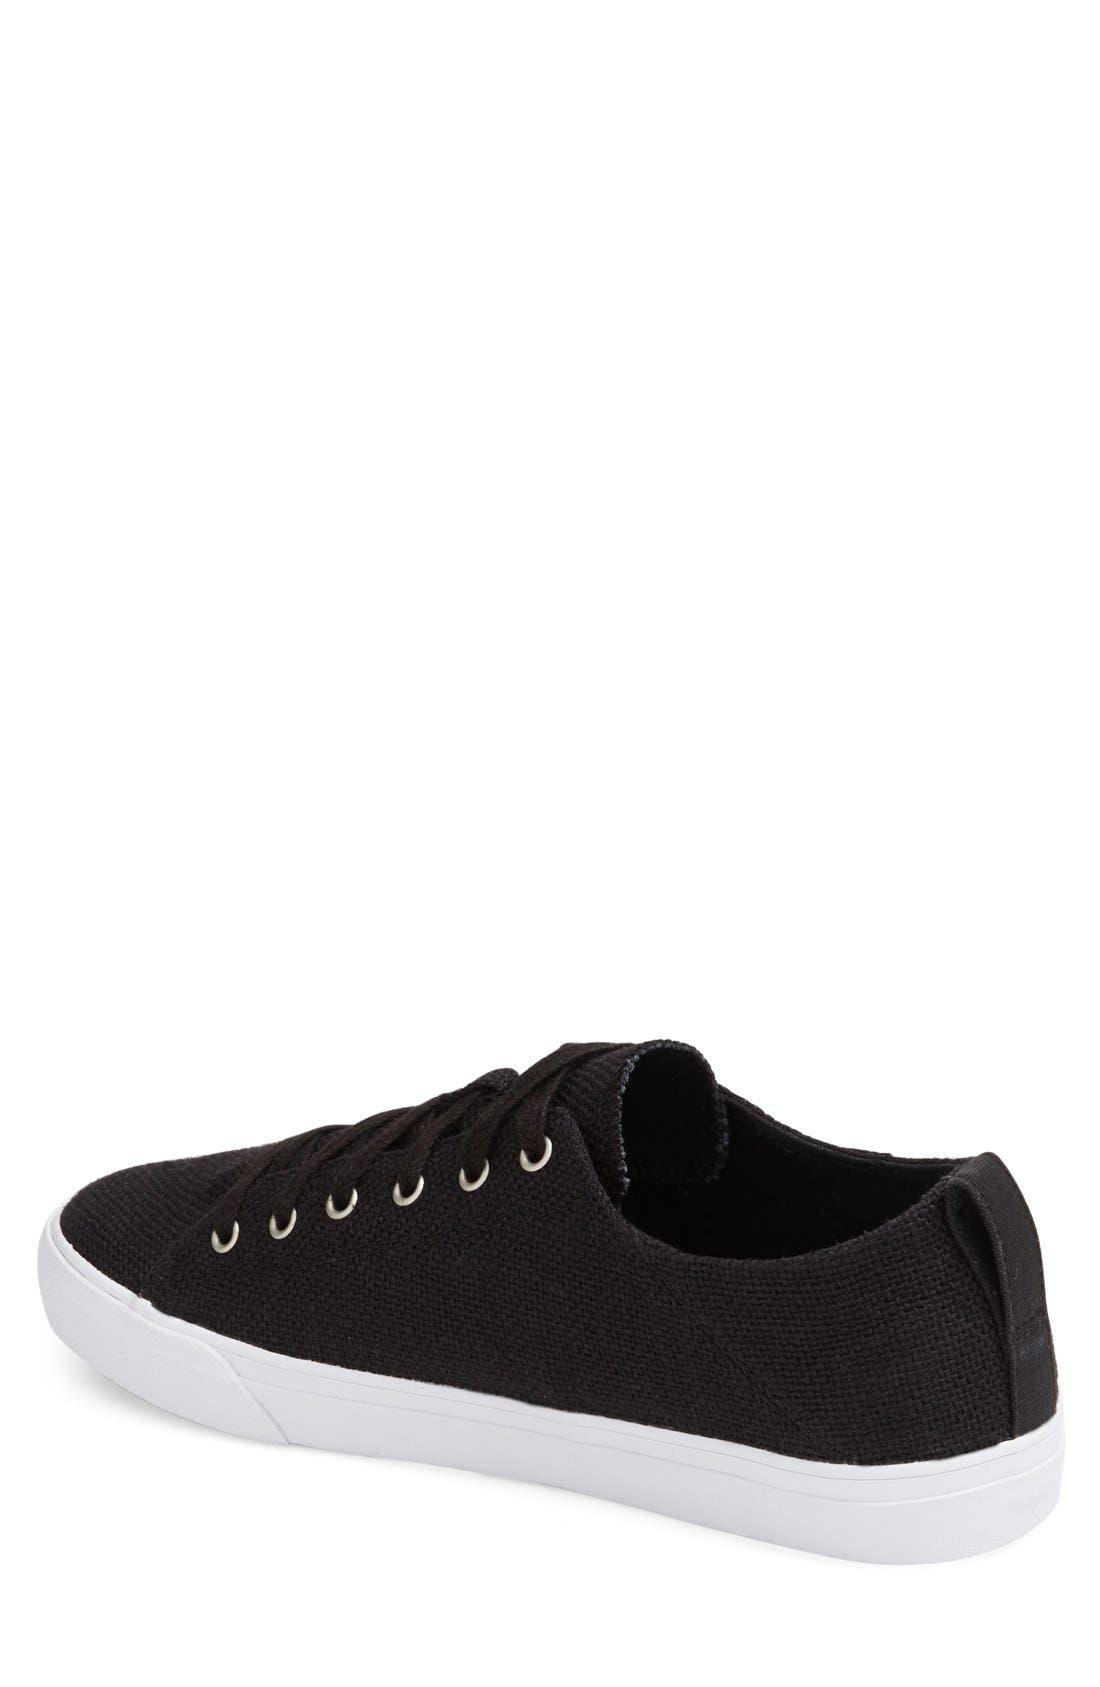 Alternate Image 2  - Sanuk 'Staple' Sneaker (Men)